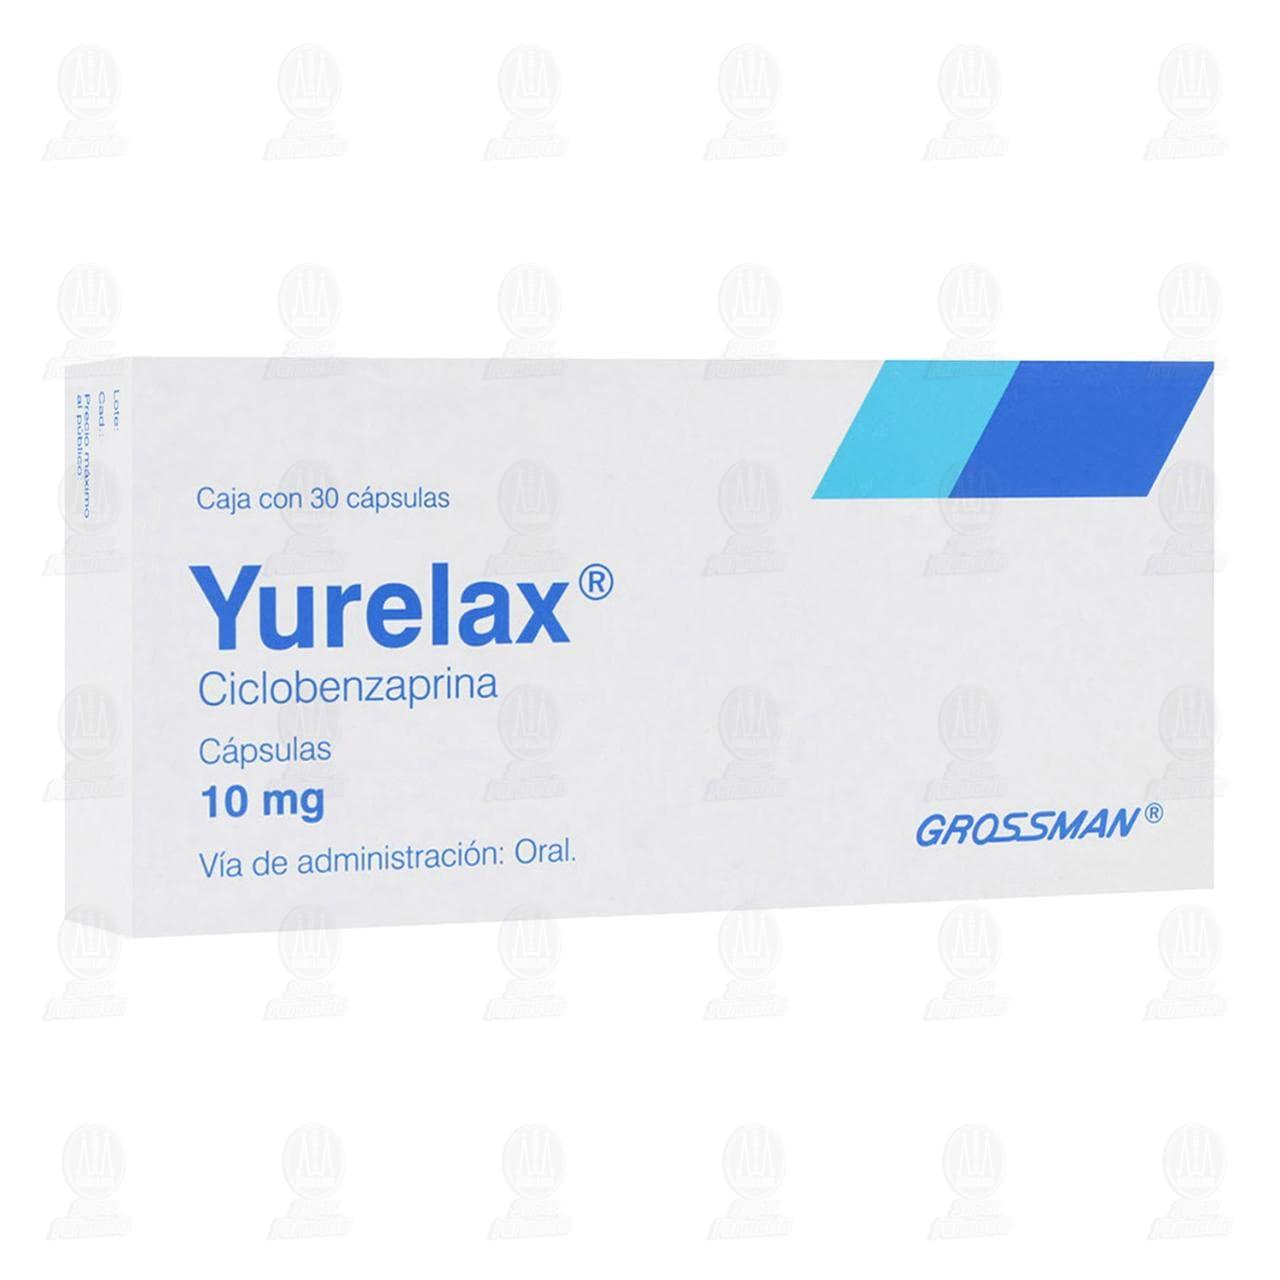 Comprar Yurelax 10mg 30 Cápsulas en Farmacias Guadalajara